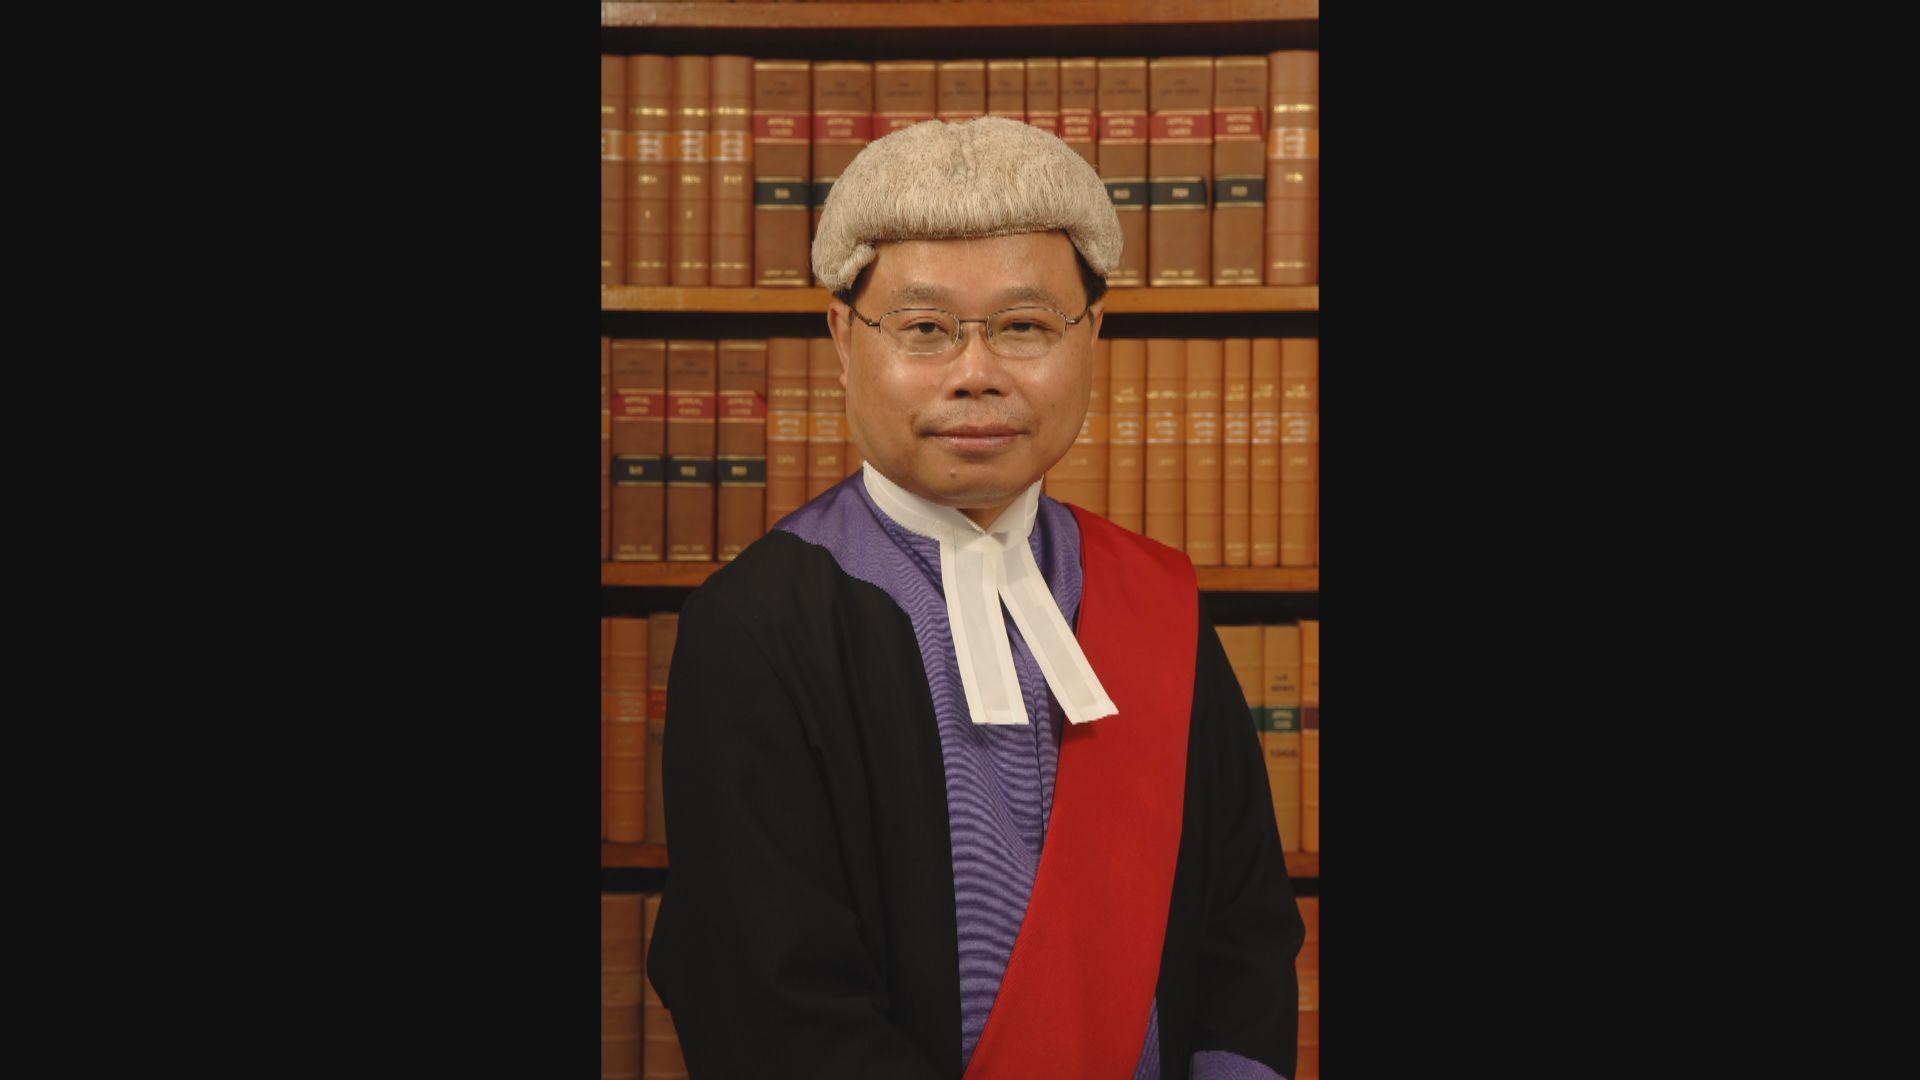 法官陳廣池收到電話滋擾 律政司指會嚴肅跟進